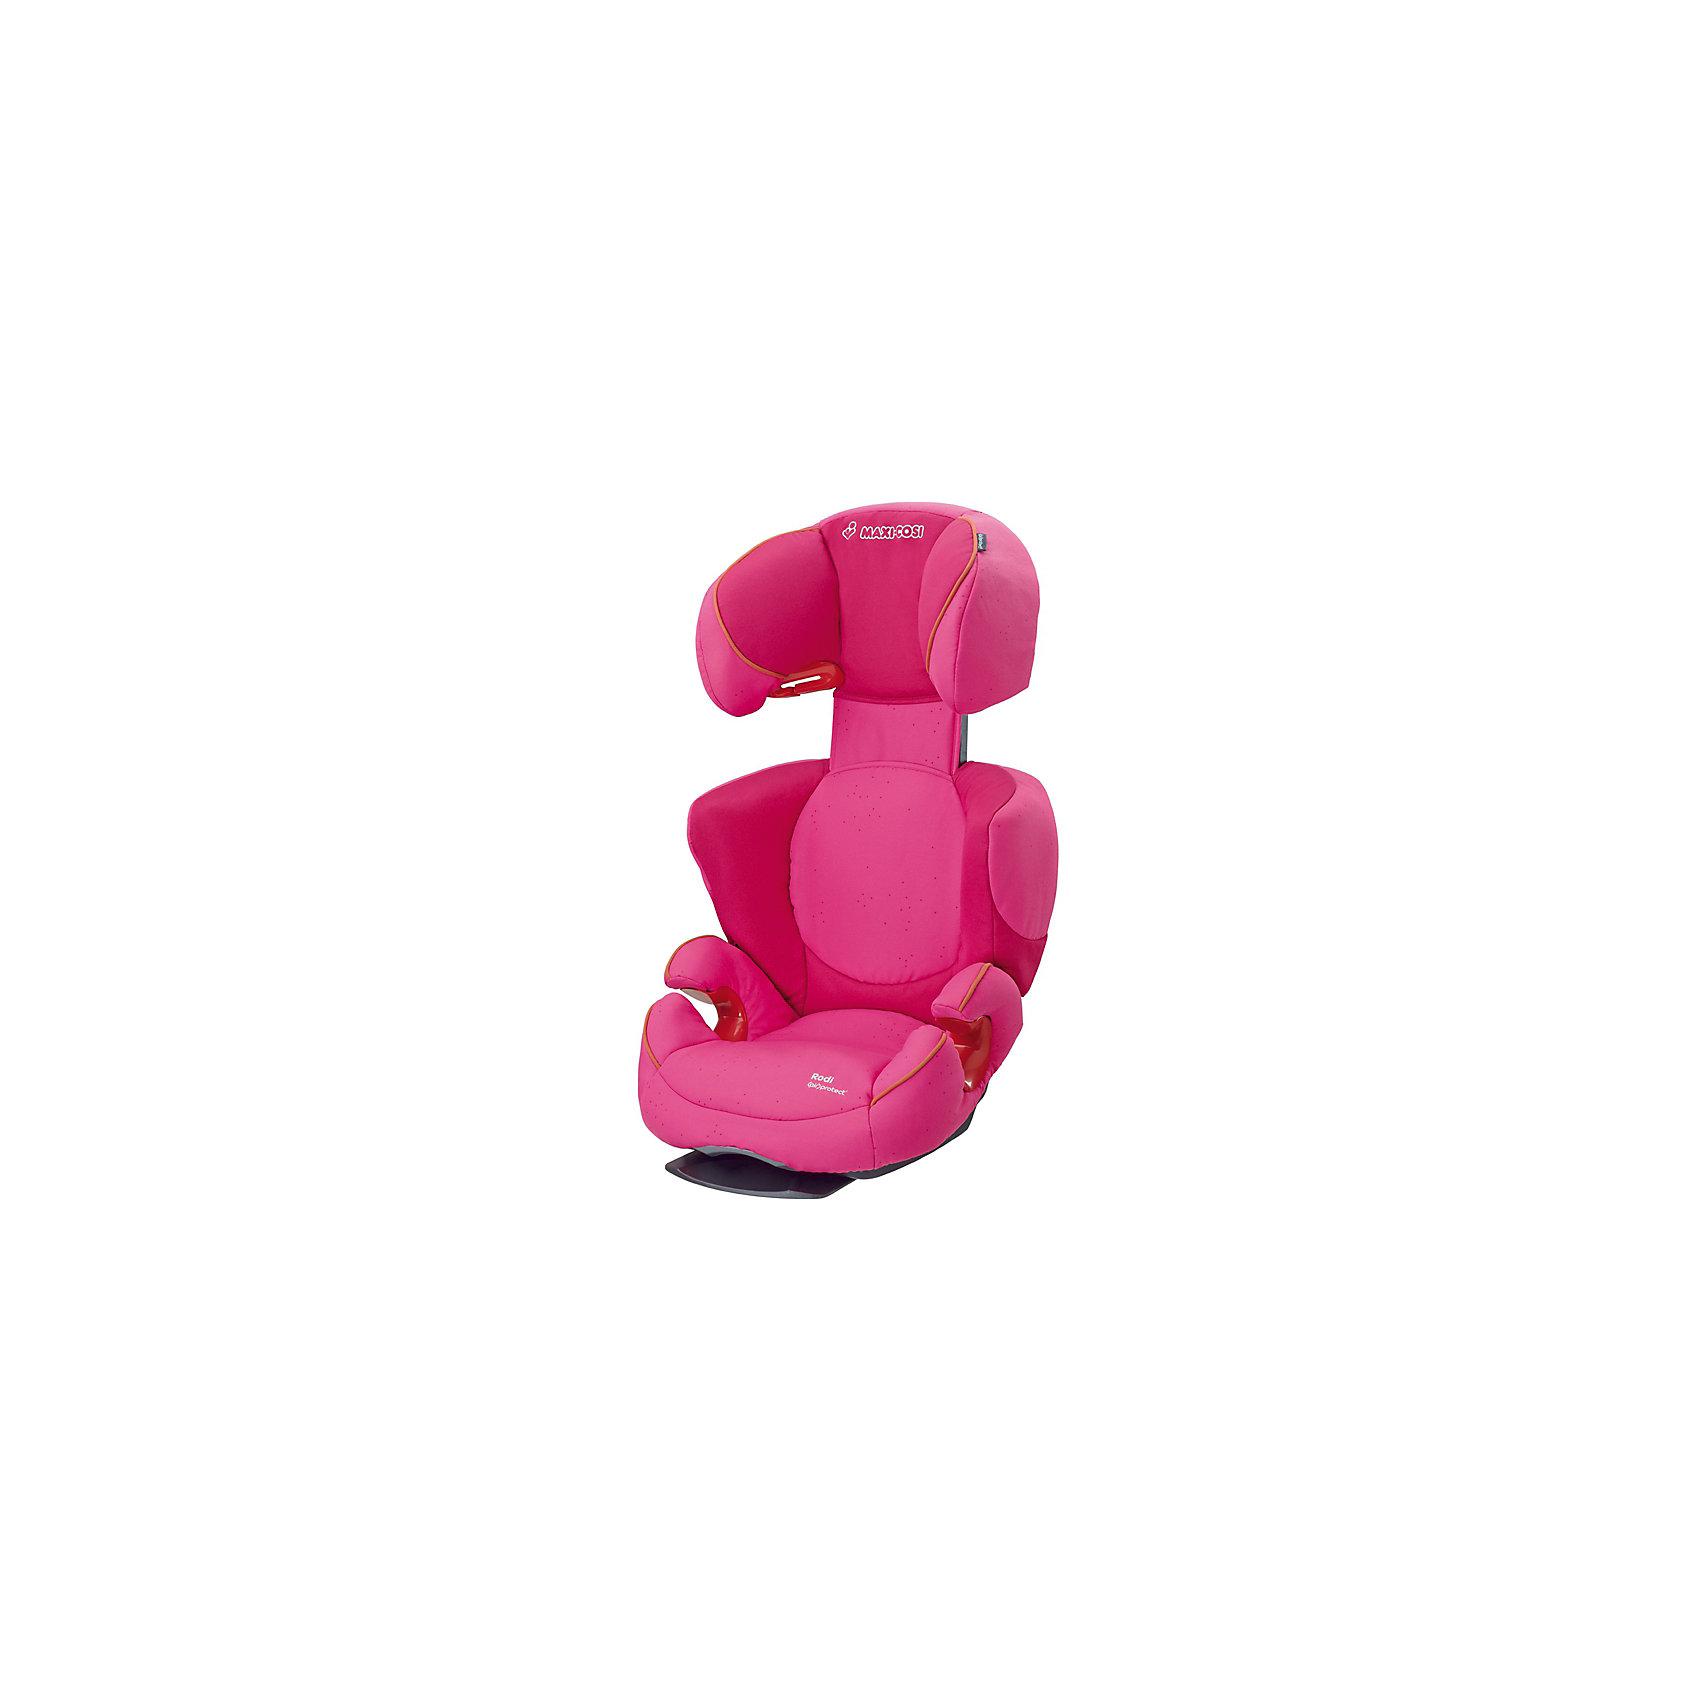 Автокресло Rodi Fix Airprotect, 15-36 кг., Maxi-Cosi, Black RavenАвтокресло Rodi Fix - прекрасный вариант для путешествий с уже подросшими детьми. Кресло монтируется при помощи системы Isofix, после чего ребенок фиксируется штатными ремнями автомобиля. Воздушная подушка, встроенная в подголовник, делает эту модель максимально комфортной и безопасной. Уникальная технология AirProtect смягчает действие удара, оптимально защищая голову и шею. Кресло имеет удобный подголовник, регулируемый в 8 положениях и 2 режима наклона спинки для приятных и комфортных путешествий. Чехол выполнен из стойкого к загрязнениям, прочного и приятного на ощупь материала, быстро и удобно снимается, его можно стирать в режиме деликатной стирки.<br><br>Дополнительная информация:<br><br>- Материал: текстиль, пластик, металл.<br>- Растет в длину и ширину вместе с вашим ребенком.<br>- Максимальная ширина сиденья по бедрам: 27 см.<br>- Ширина сиденья по голове: 48 см.<br>- Ширина под голову: 40 см.<br>- Длина спинки (внутри): 32-52 см.<br>- Максимальная глубина внутри сиденья: 33 см.;<br>- Высота: 57-76 см.<br>- Общая длина: 66-83 см.<br>- Вес: 6.6 кг.<br>- Крепление в автомобиле: система Isofix.<br>- Ребенок пристегивается автомобильным ремнем. <br>- Ремень безопасности удерживается практичными крючками.<br>- Технология AirProtect.<br>- Дополнительная защита от боковых ударов.<br>- Соответствует требованиям ECE-R44/04<br>- Группа 2/3 (15-36 кг; от 3,5 до 12 лет).<br>- Устанавливается по ходу движения. <br>- Регулировка наклона спинки (в 2 положениях).<br>- Регулируемый подголовник (в 8 положениях)<br>- Съемные чехлы (можно стирать в деликатном режиме). <br><br>Автокресло Rodi Fix Airprotect, 15-36 кг., Maxi-Cosi (Макси-Коси Роди Фикс), Black Raven, можно купить в нашем магазине.<br><br>Ширина мм: 490<br>Глубина мм: 635<br>Высота мм: 510<br>Вес г: 4900<br>Возраст от месяцев: 48<br>Возраст до месяцев: 144<br>Пол: Унисекс<br>Возраст: Детский<br>SKU: 4790749